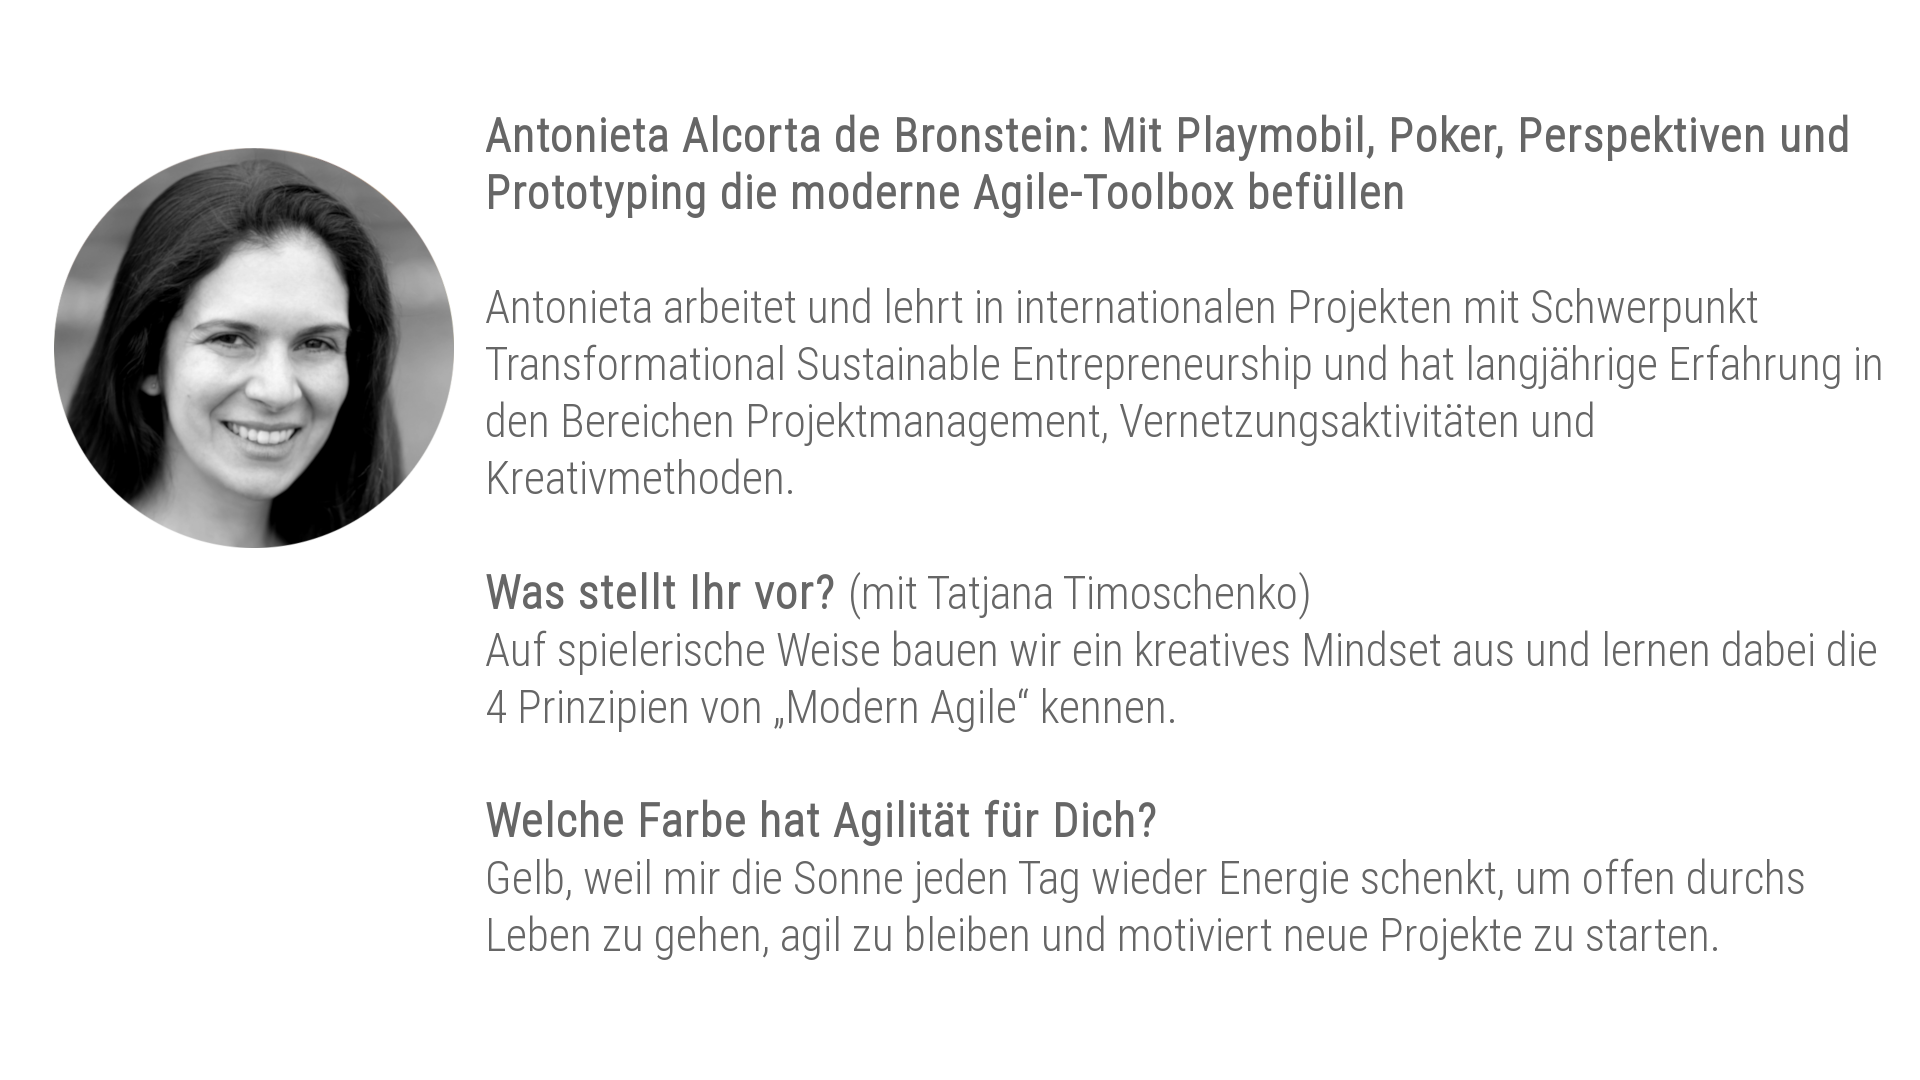 """Antonieta Alcorta de Bronstein (gemeinsam mit Tatjana Timoschenko): Mit Playmobil, Poker, Perspektiven und Prototyping die moderne Agile-Toolbox befüllen Antonieta arbeitet und lehrt in internationalen Projekten mit Schwerpunkt Transformational Sustainable Entrepreneurship und hat langjährige Erfahrung in den Bereichen Projektmanagement, Vernetzungsaktivitäten und Kreativmethoden. Was stellt ihr vor? Auf spielerische Weise bauen wir ein kreatives Mindset aus und lernen dabei die 4 Prinzipien von """"Modern Agile"""" kennen. Welche Farbe hat Agilität für dich? Gelb, weil mir die Sonne jeden Tag wieder Energie schenkt, um offen durchs Leben zu gehen, agil zu bleiben und motiviert neue Projekte zu starten."""""""